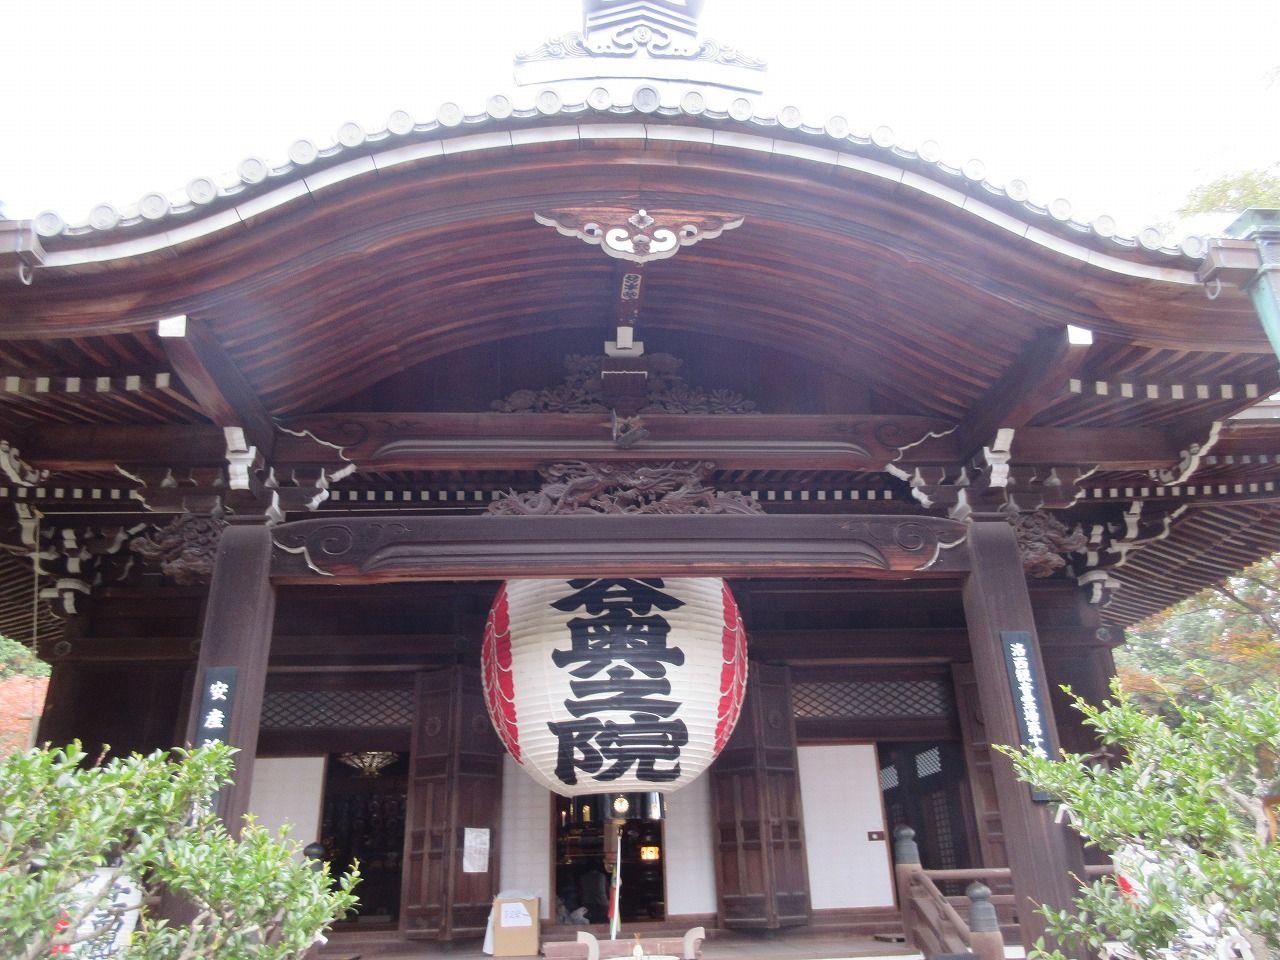 歩きを楽しむ神社仏閣、古跡歩き / 天皇陵      京都西山の寺社を巡る    コメント                やゆ